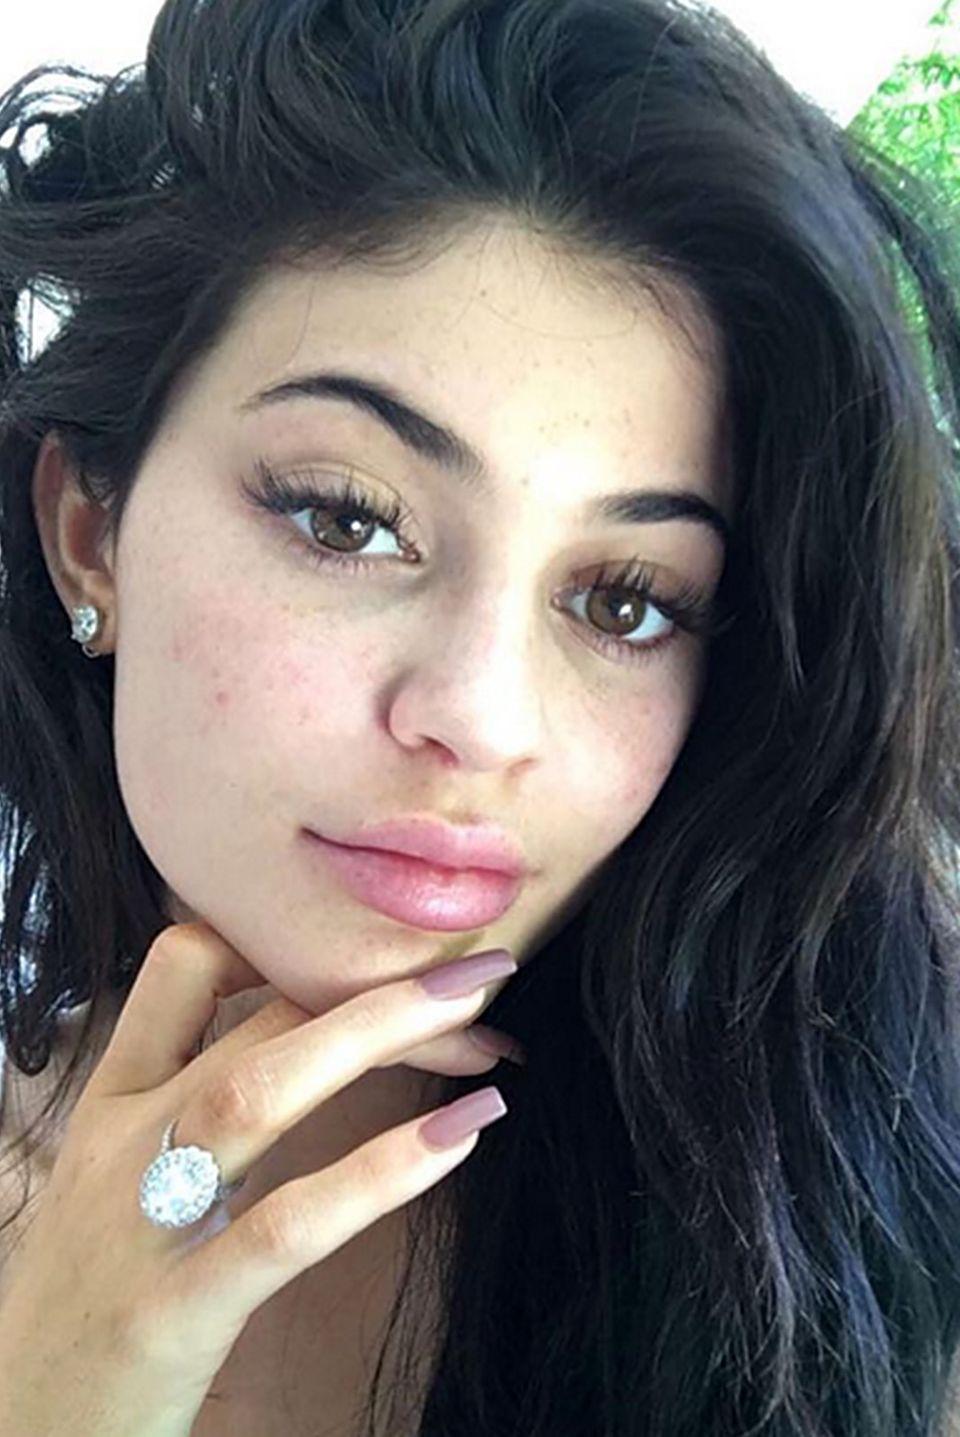 Ist das etwa ein Verlobungsring? Kylie Jenner heizt die Gerüchte um eine mögliche Verlobung mit ihrem Freund Tyga immer wieder an, in dem sie diesen Glitzer-Klunker immer wieder offensiv auf Snapchat oder Instagram präsentiert. Wir dürfen gespannt sein!